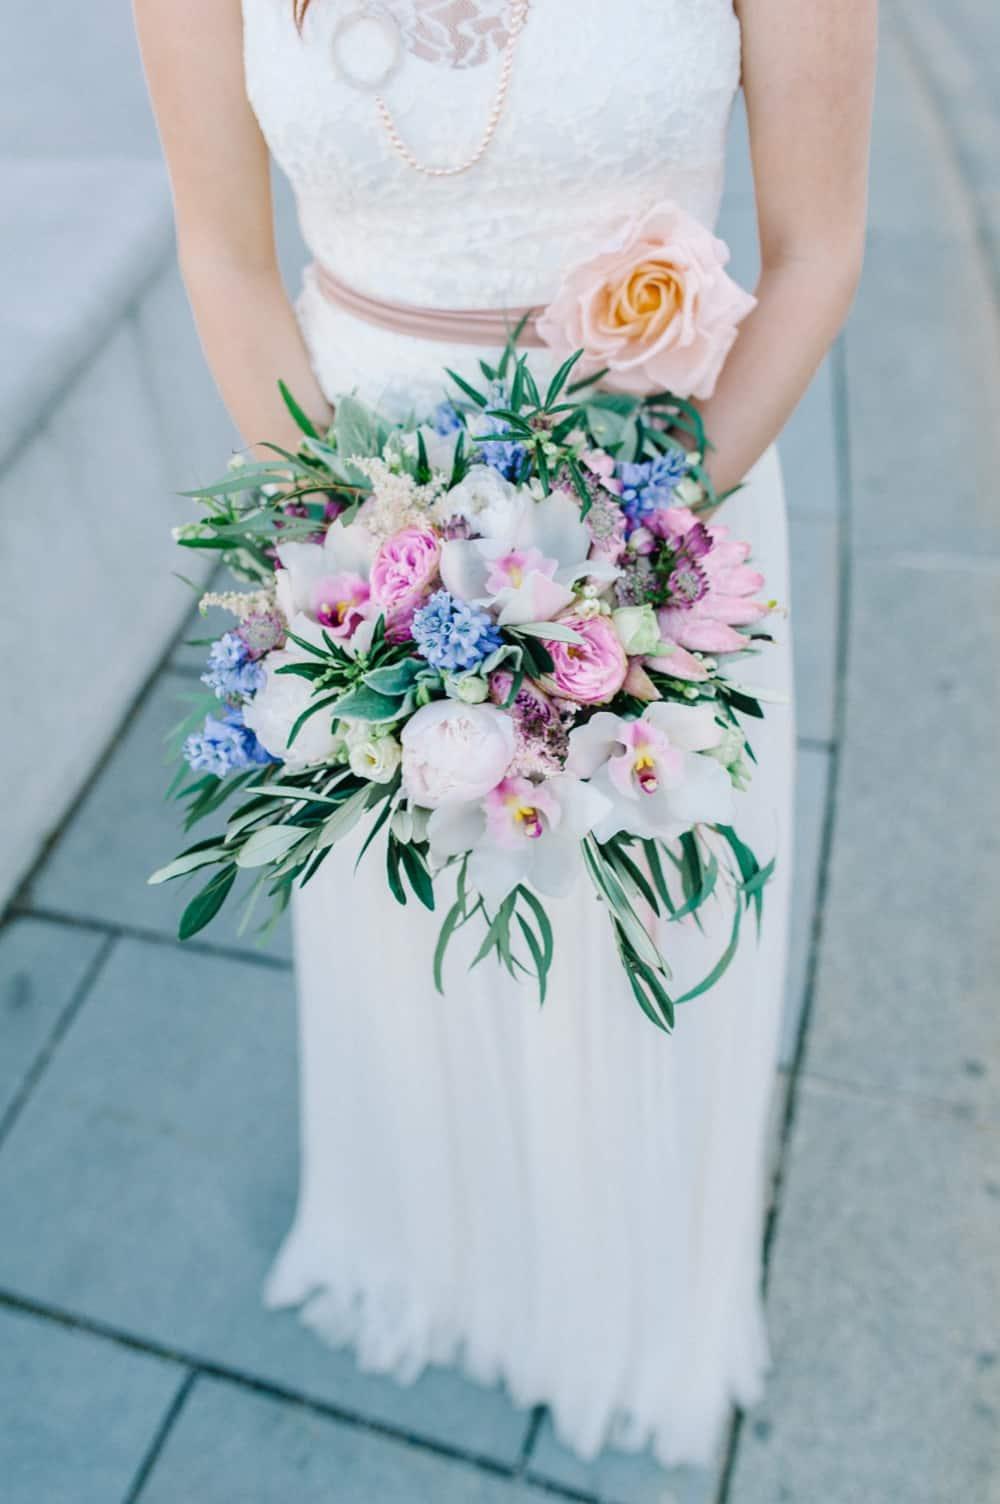 hochzeitsfotograf_thomasschwede_after_wedding_fotos_in_wien_0744